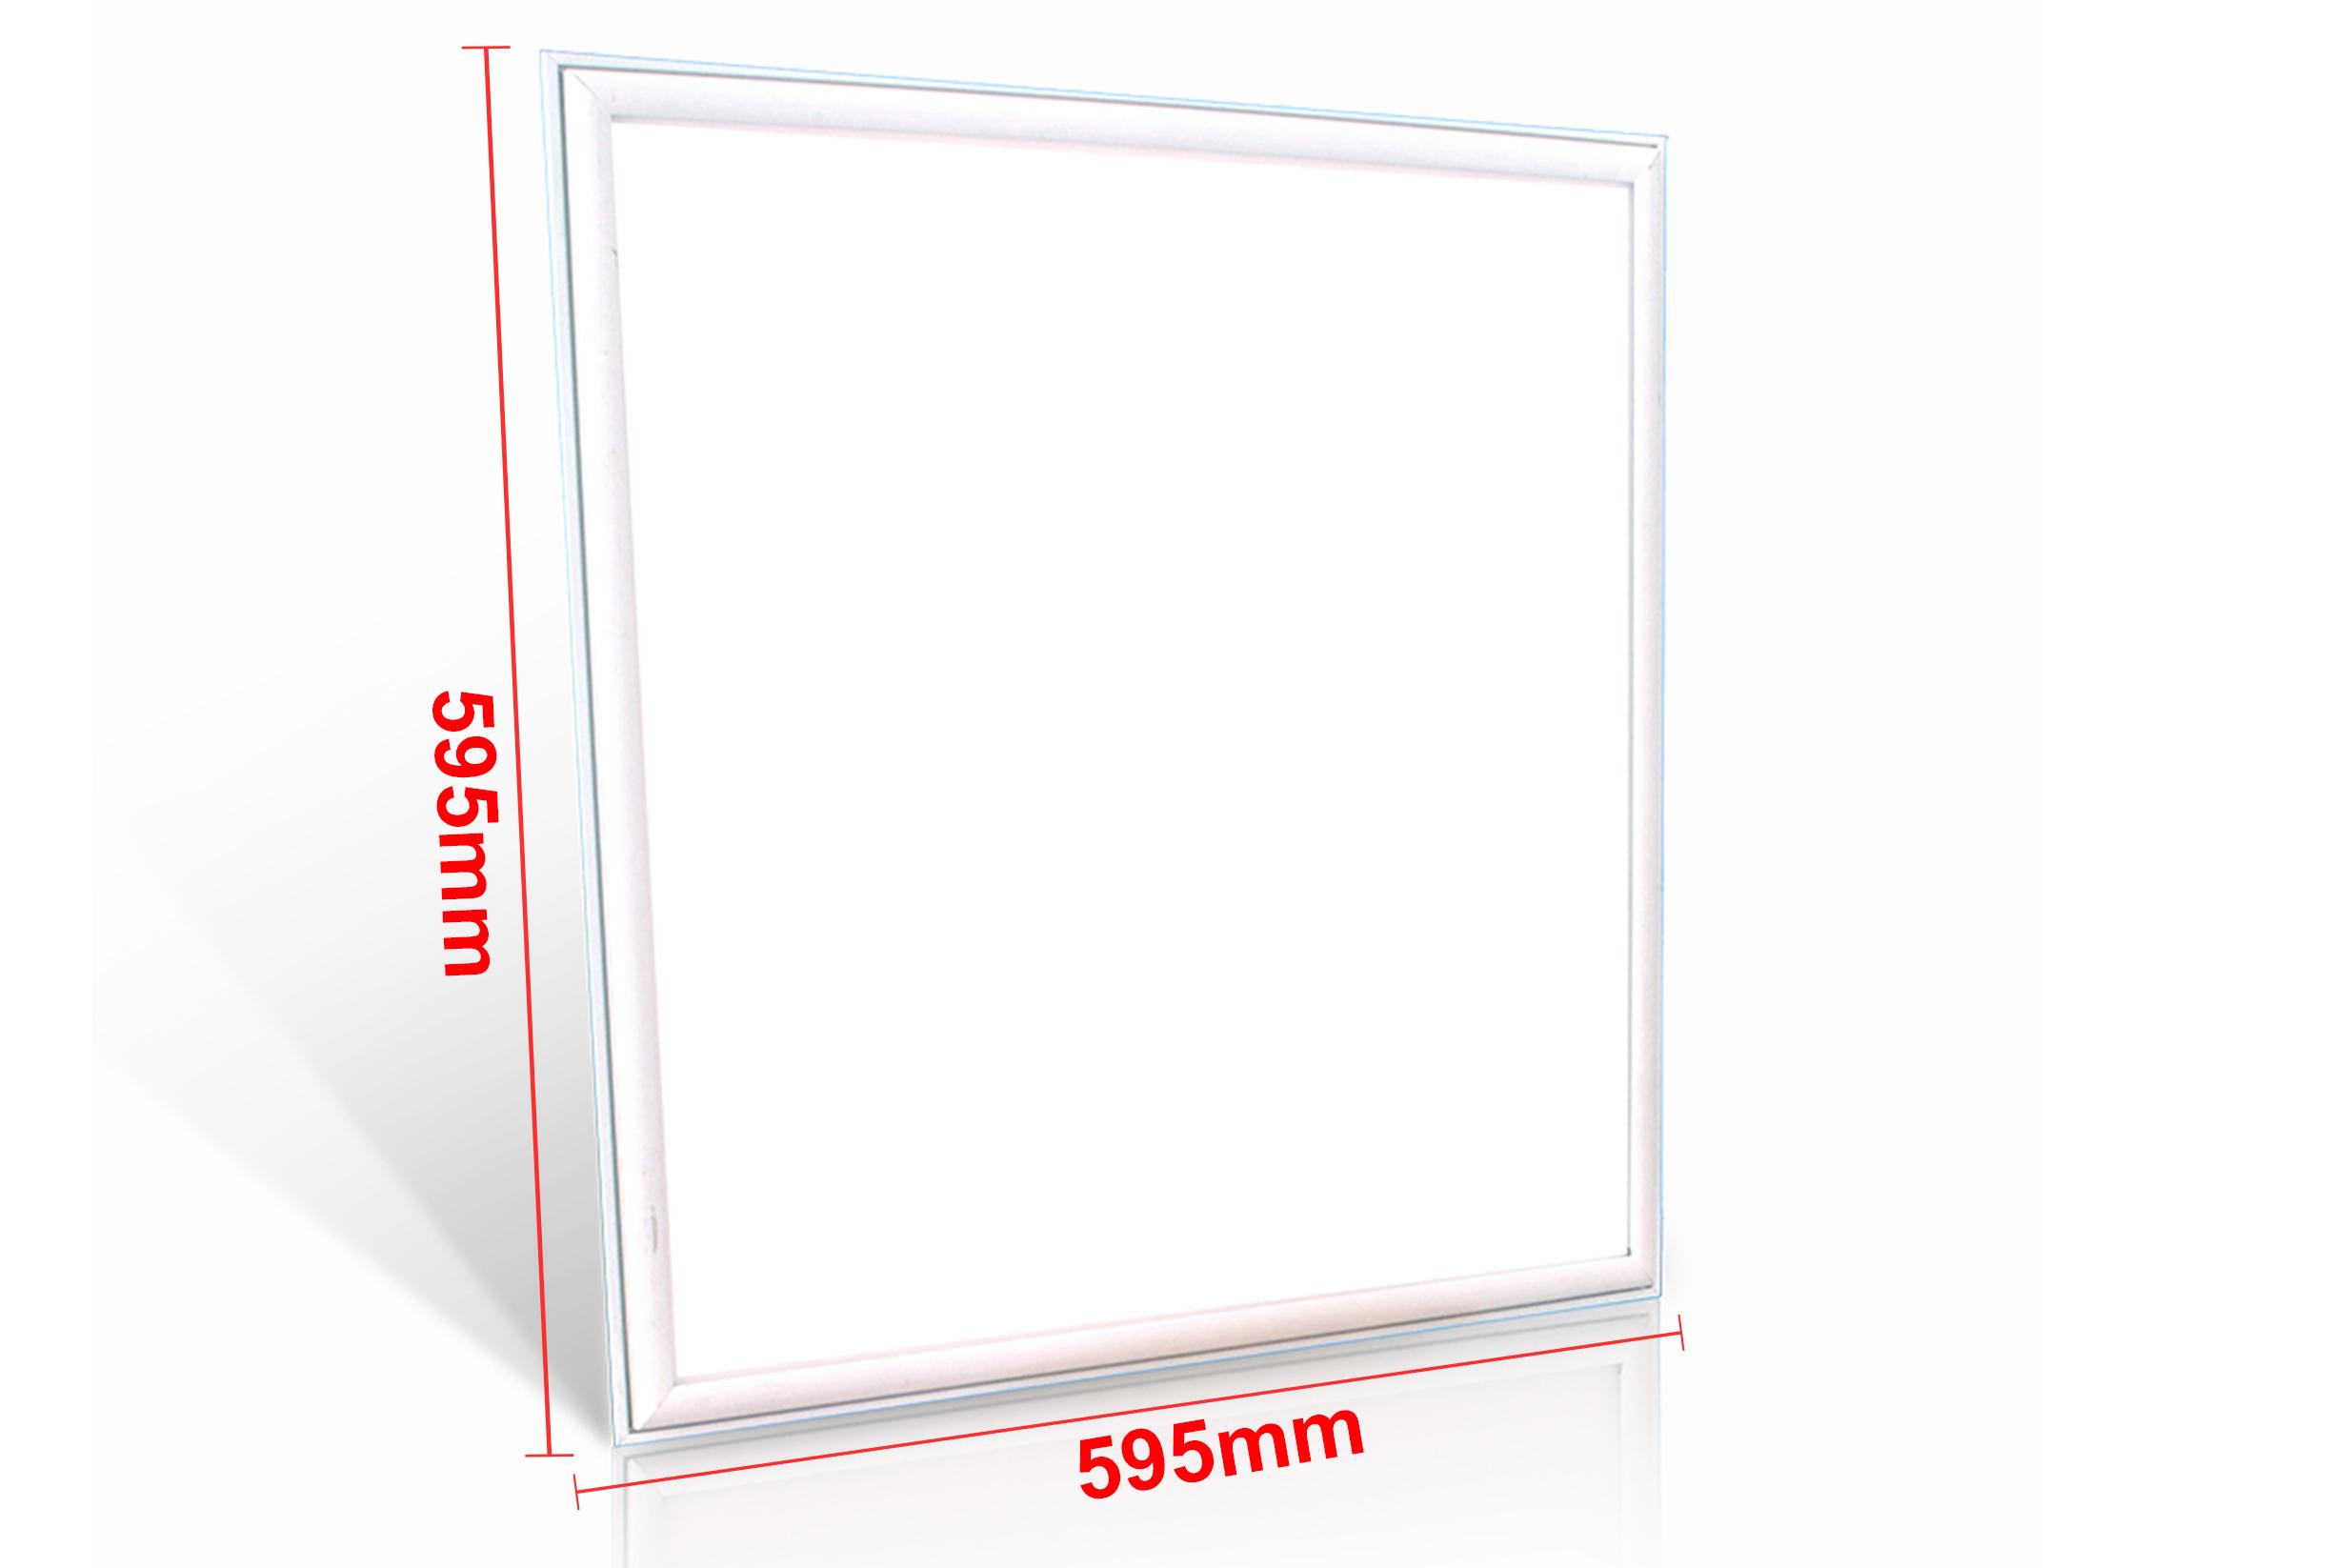 Pannello Led Da Incasso 595X595mm 45W Bianco Caldo UGR 19 Per Ufficio Enti Pubblici SKU-62206 - PZ